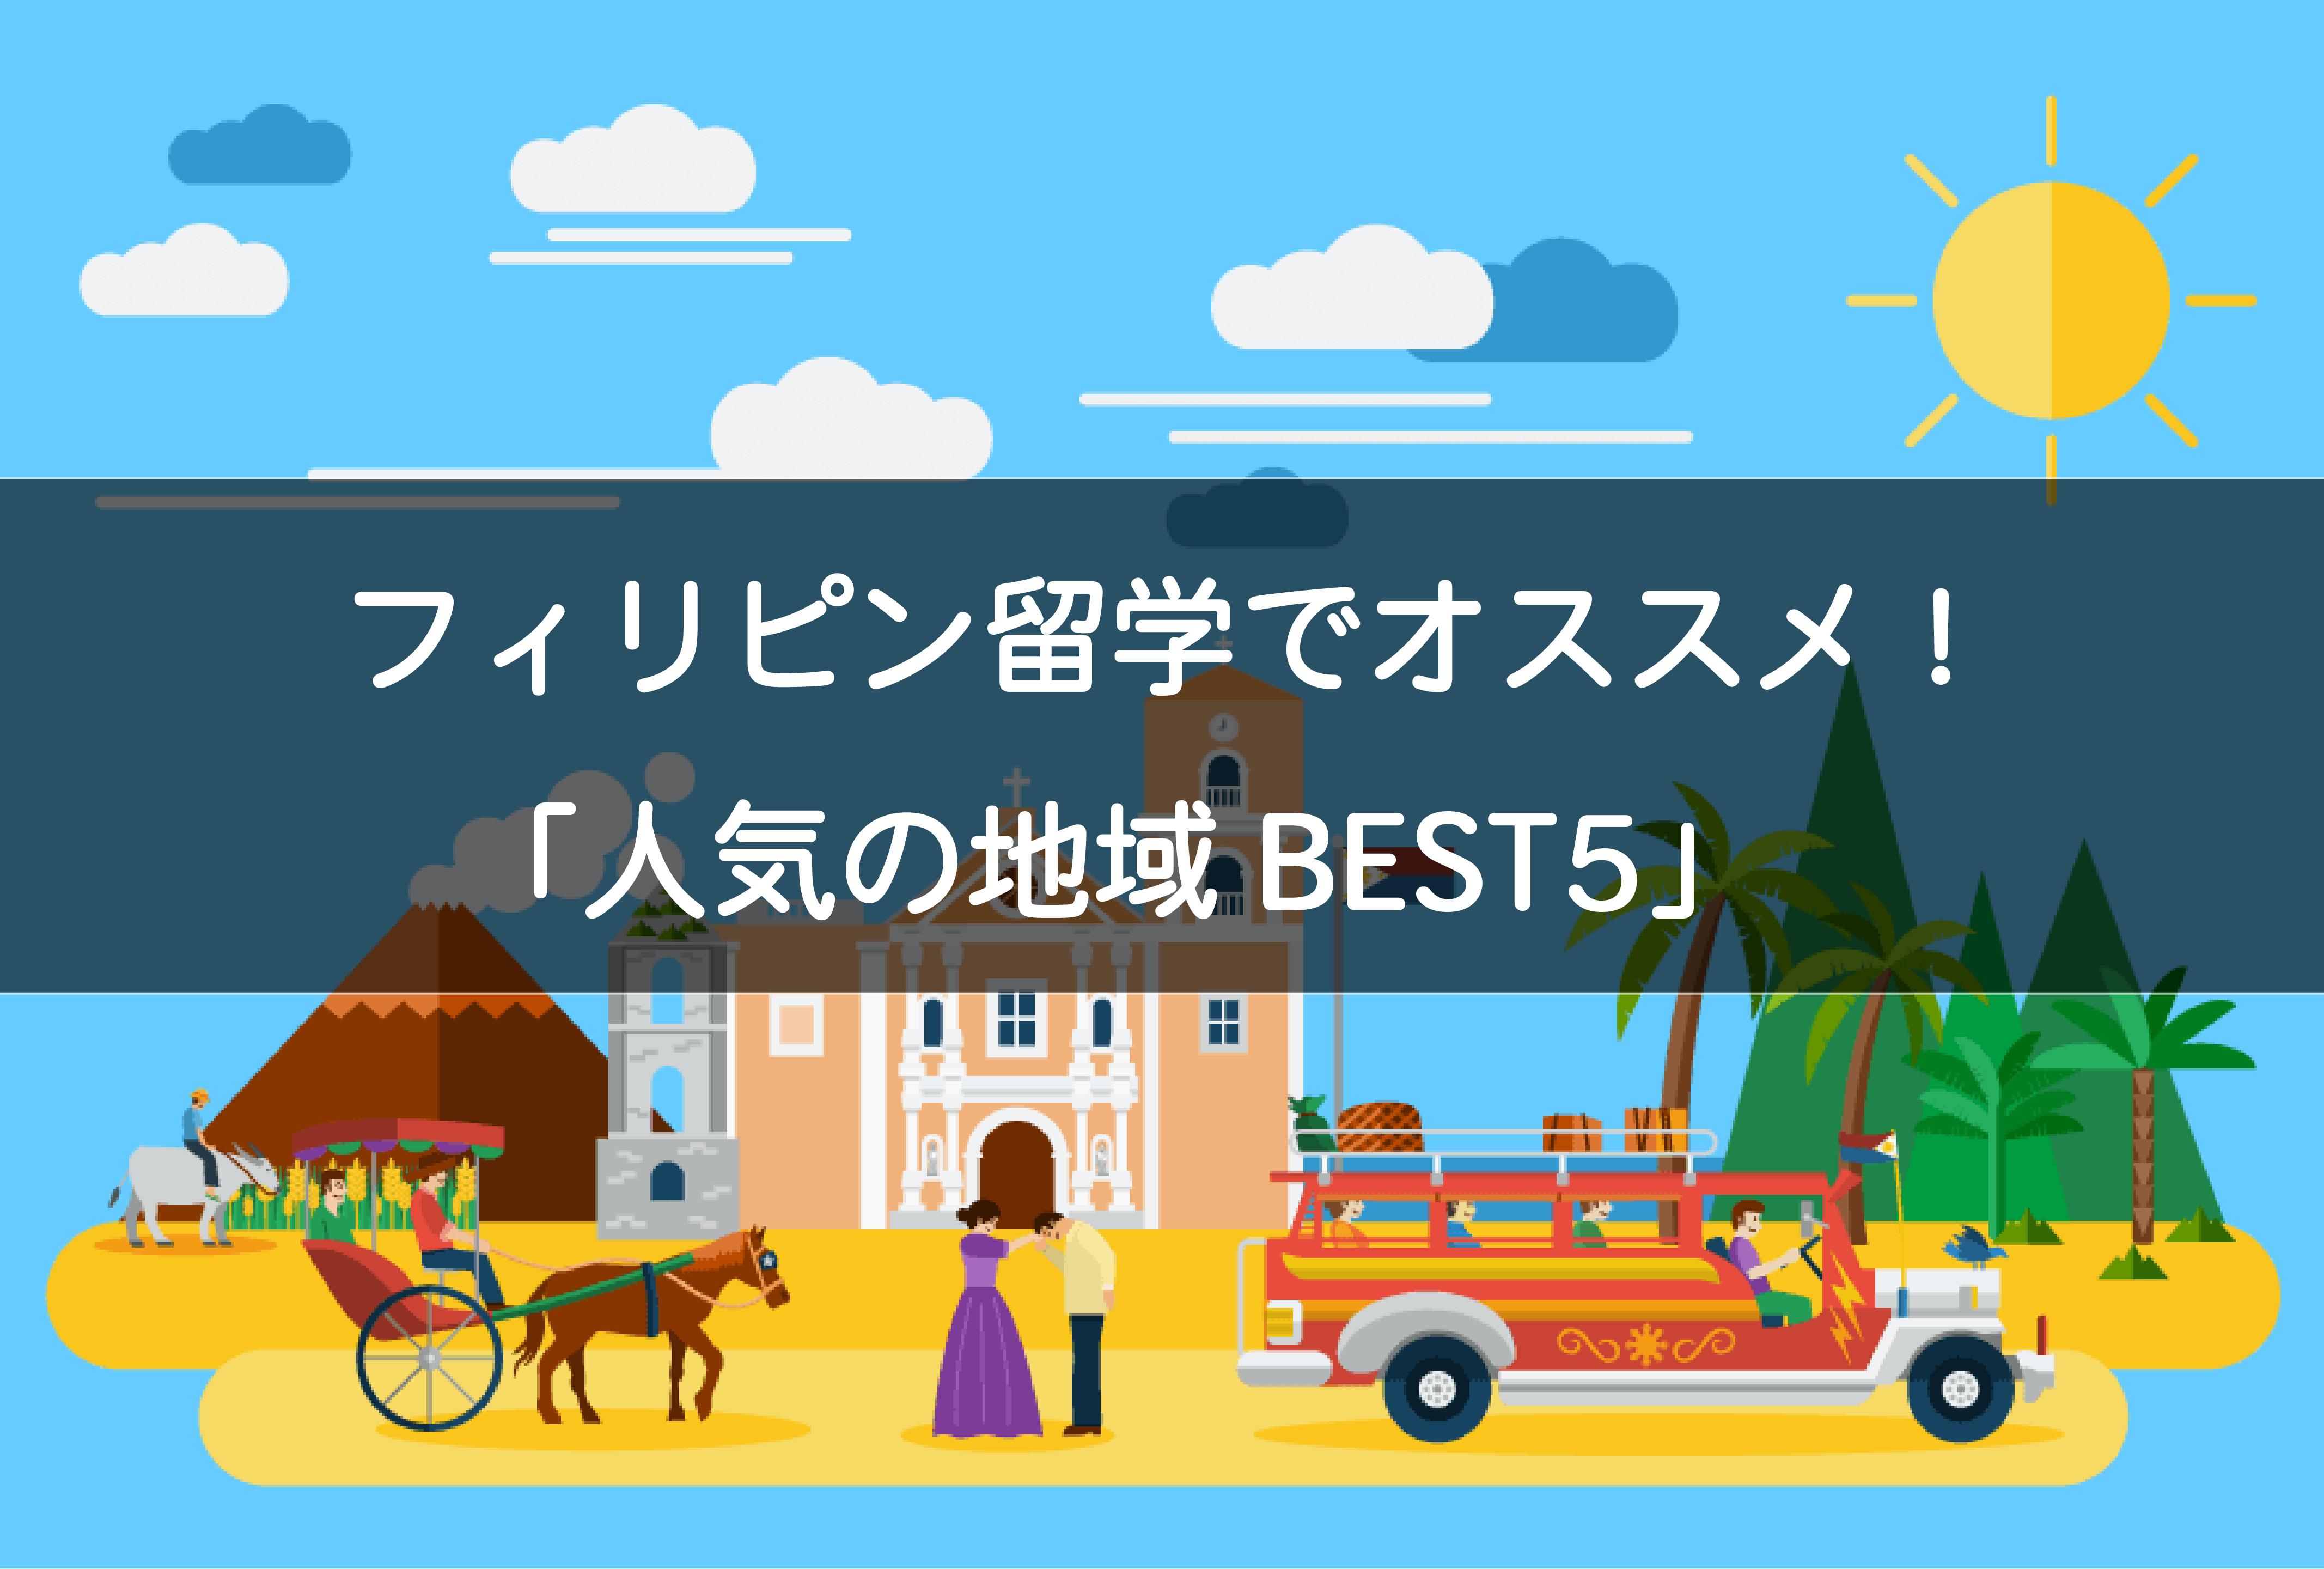 おすすめ!フィリピン留学で人気の地域BEST5【まとめ】